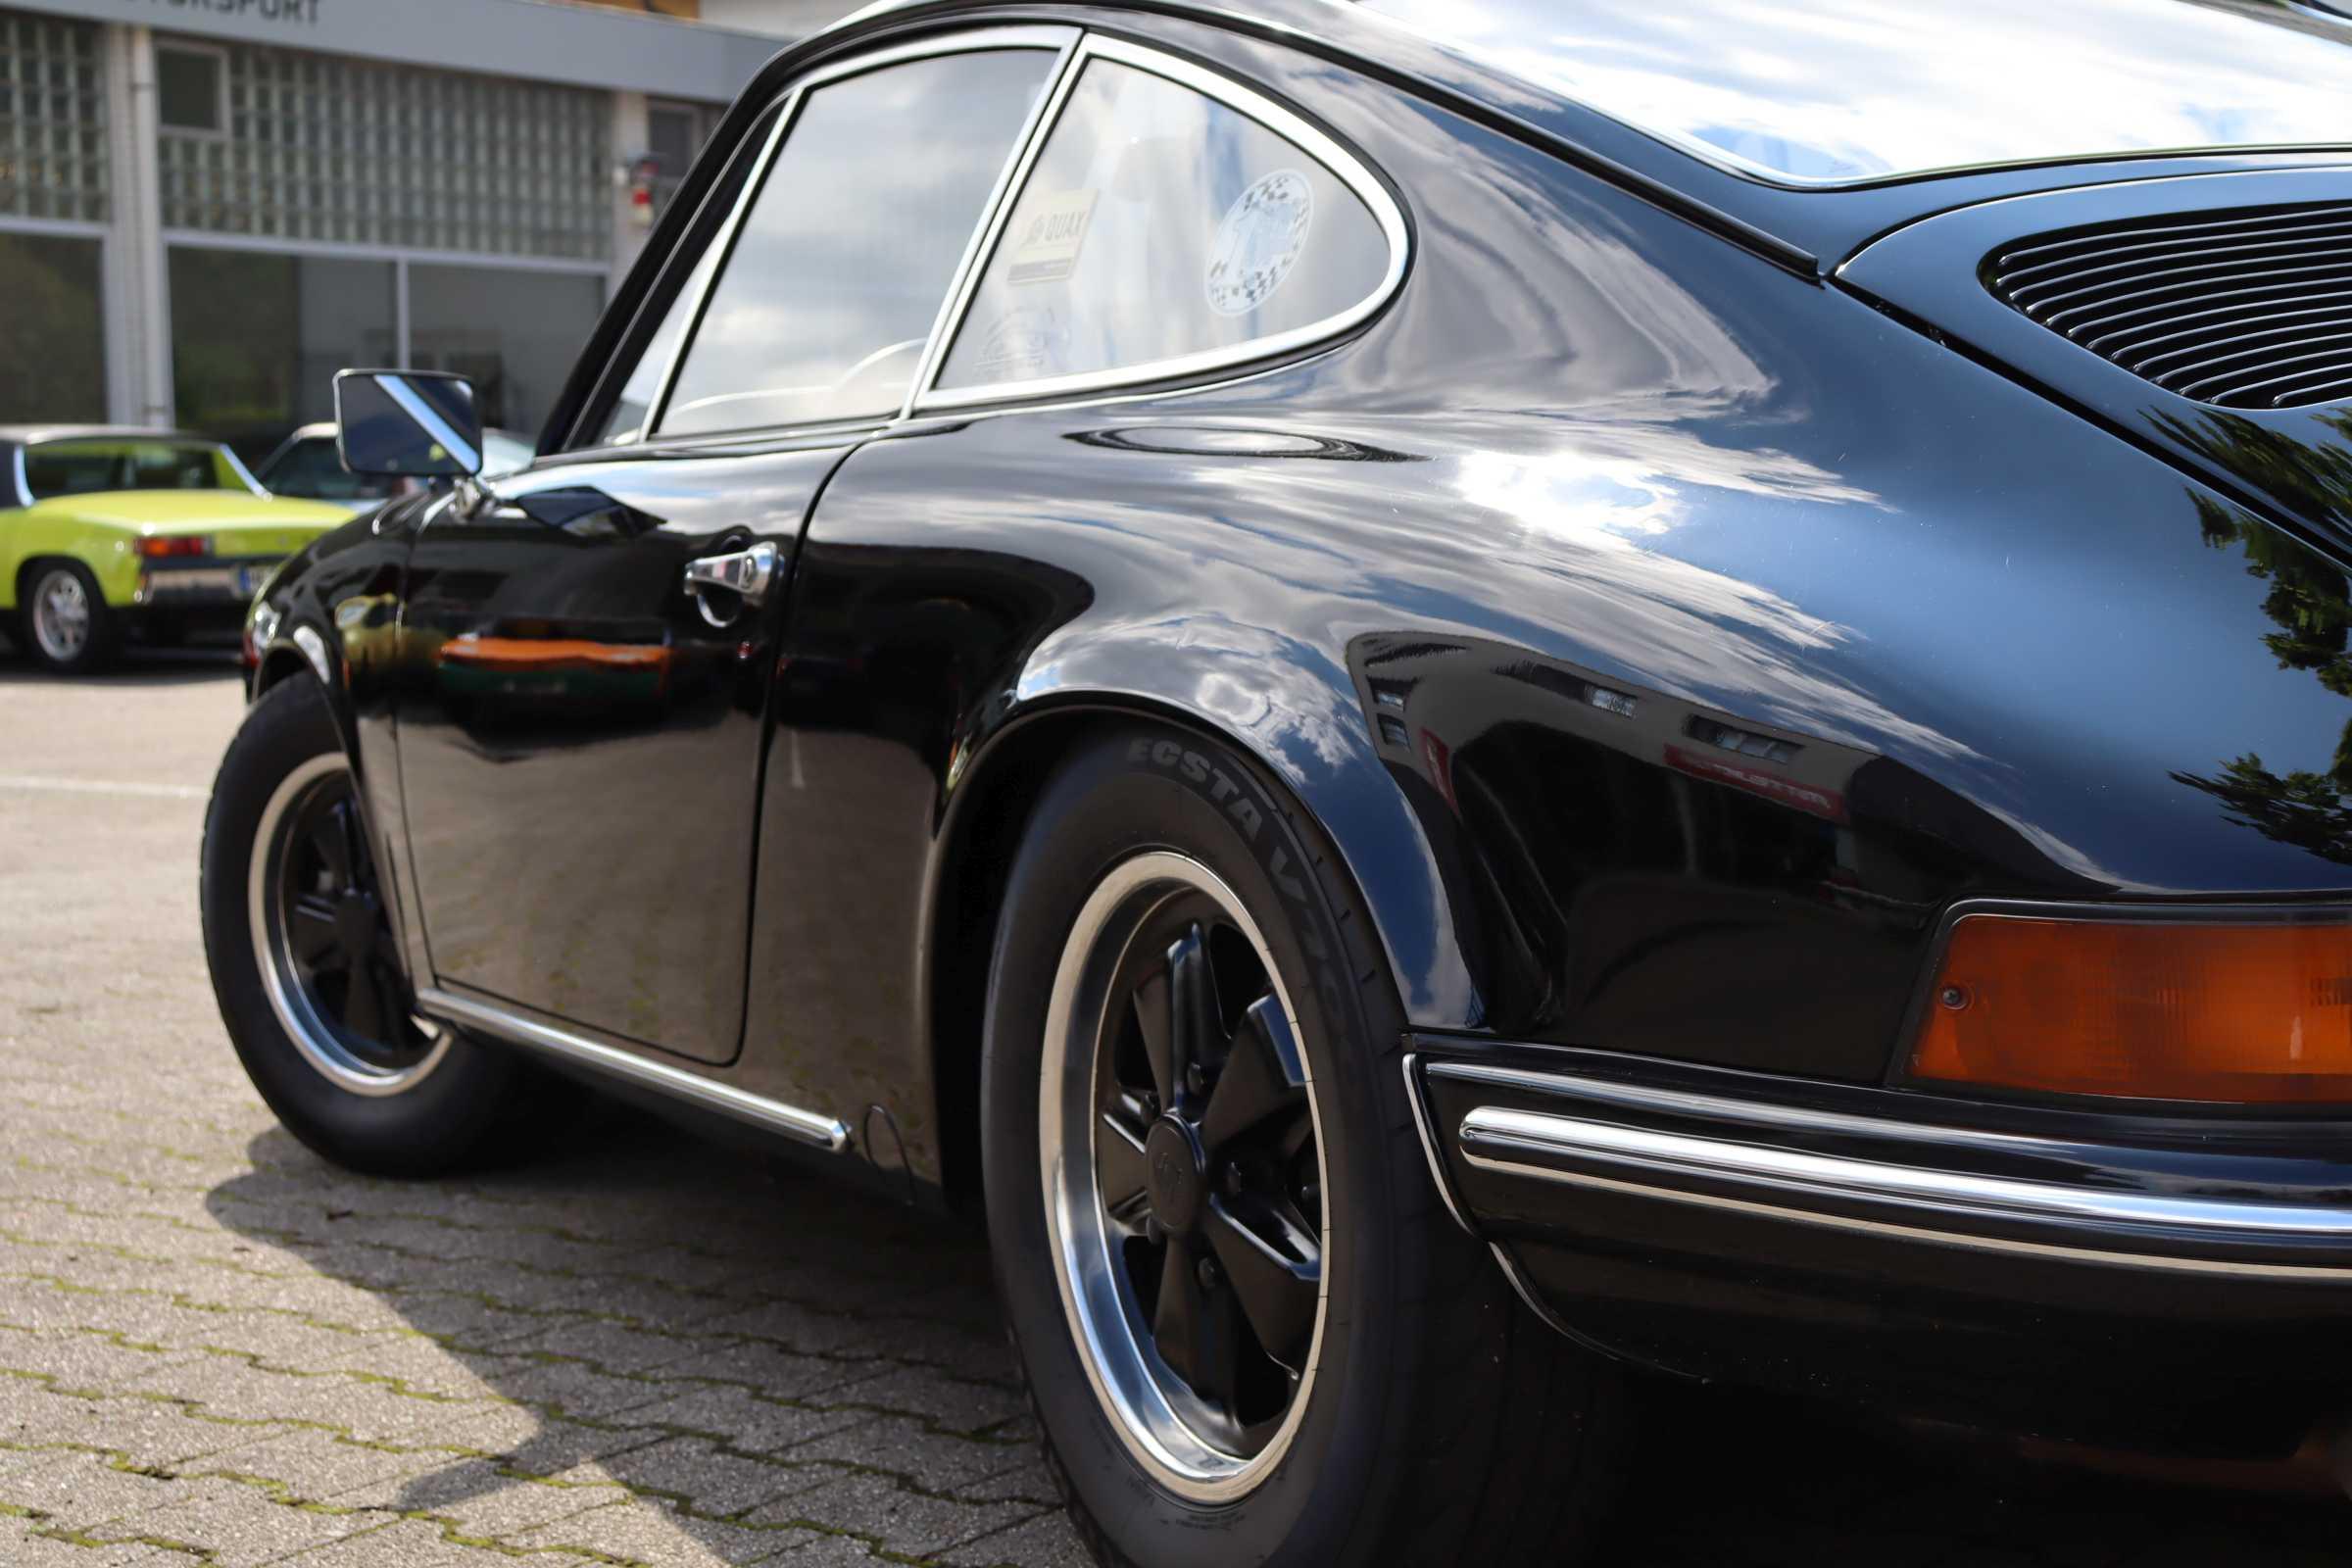 Porsche 911 T mit Sportmotor (240 PS), sowie Originalmotor